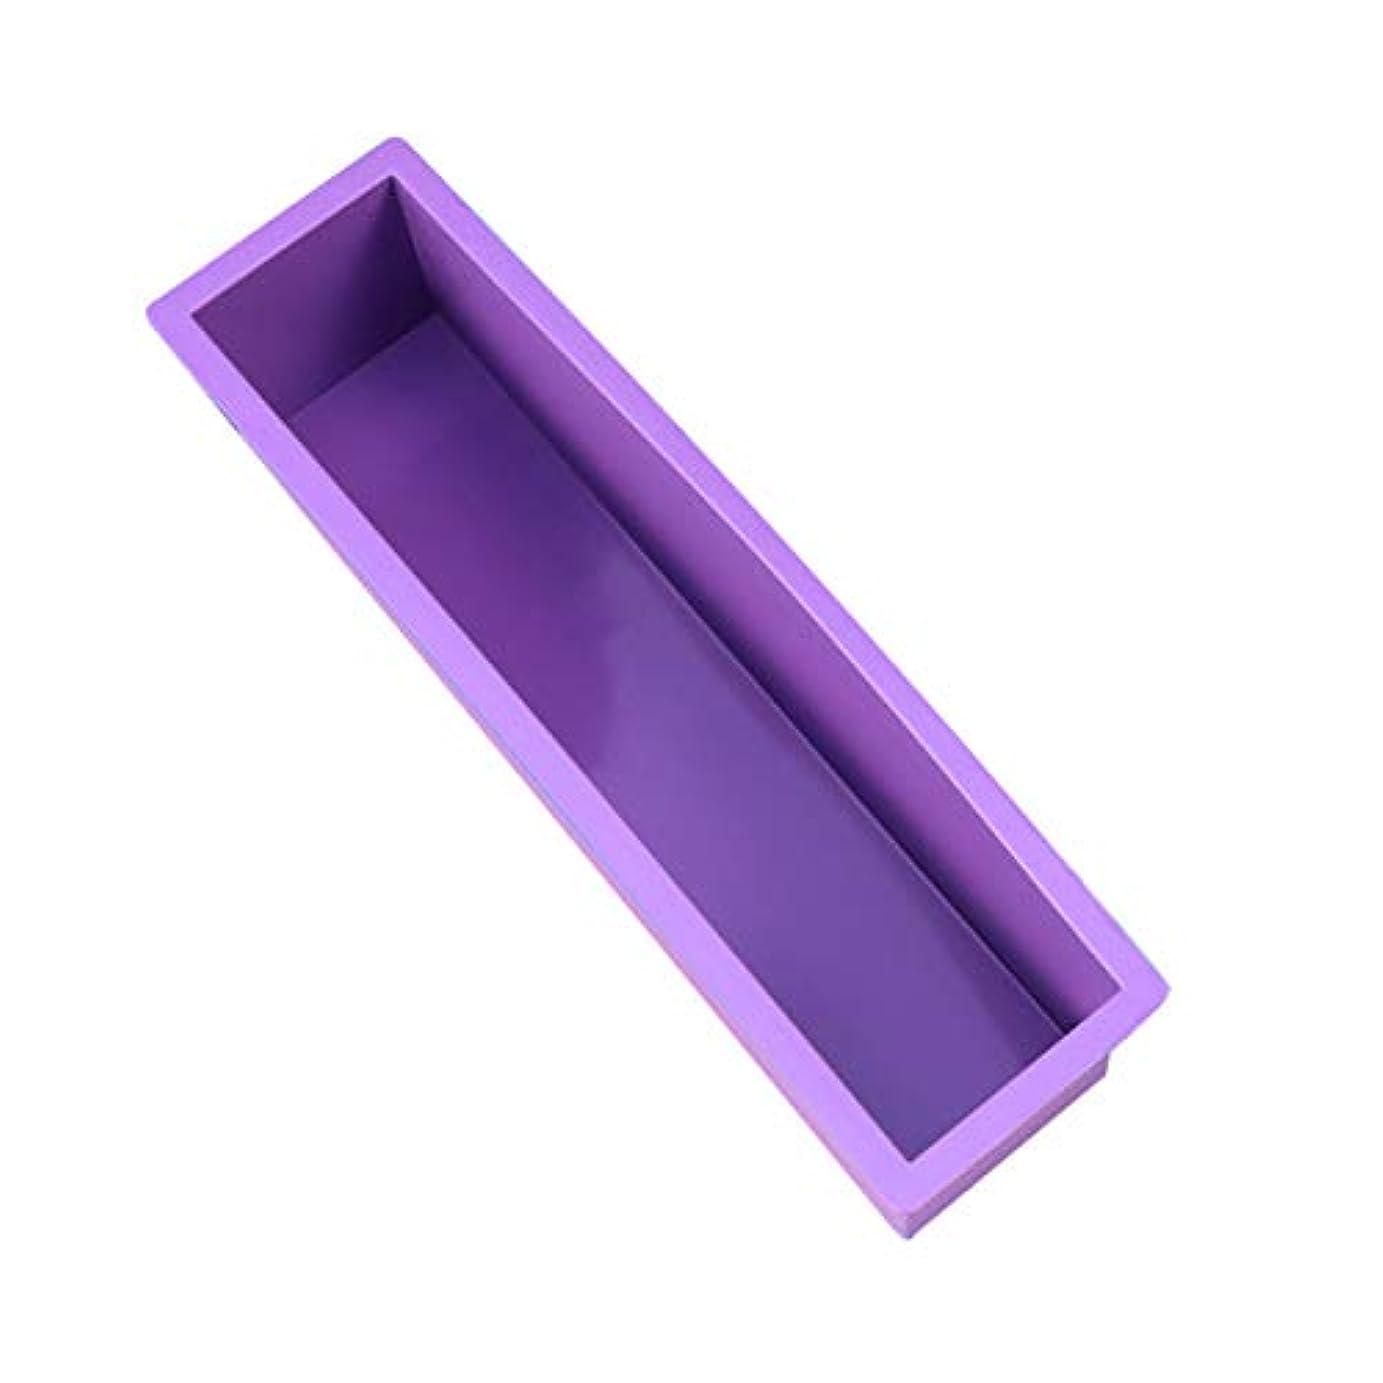 ジェームズダイソンと組む注釈Healifty DIYの石鹸金型スクエアラウンドオーバル金型木製ボックスサイズなしの手作り金型 - S(紫)